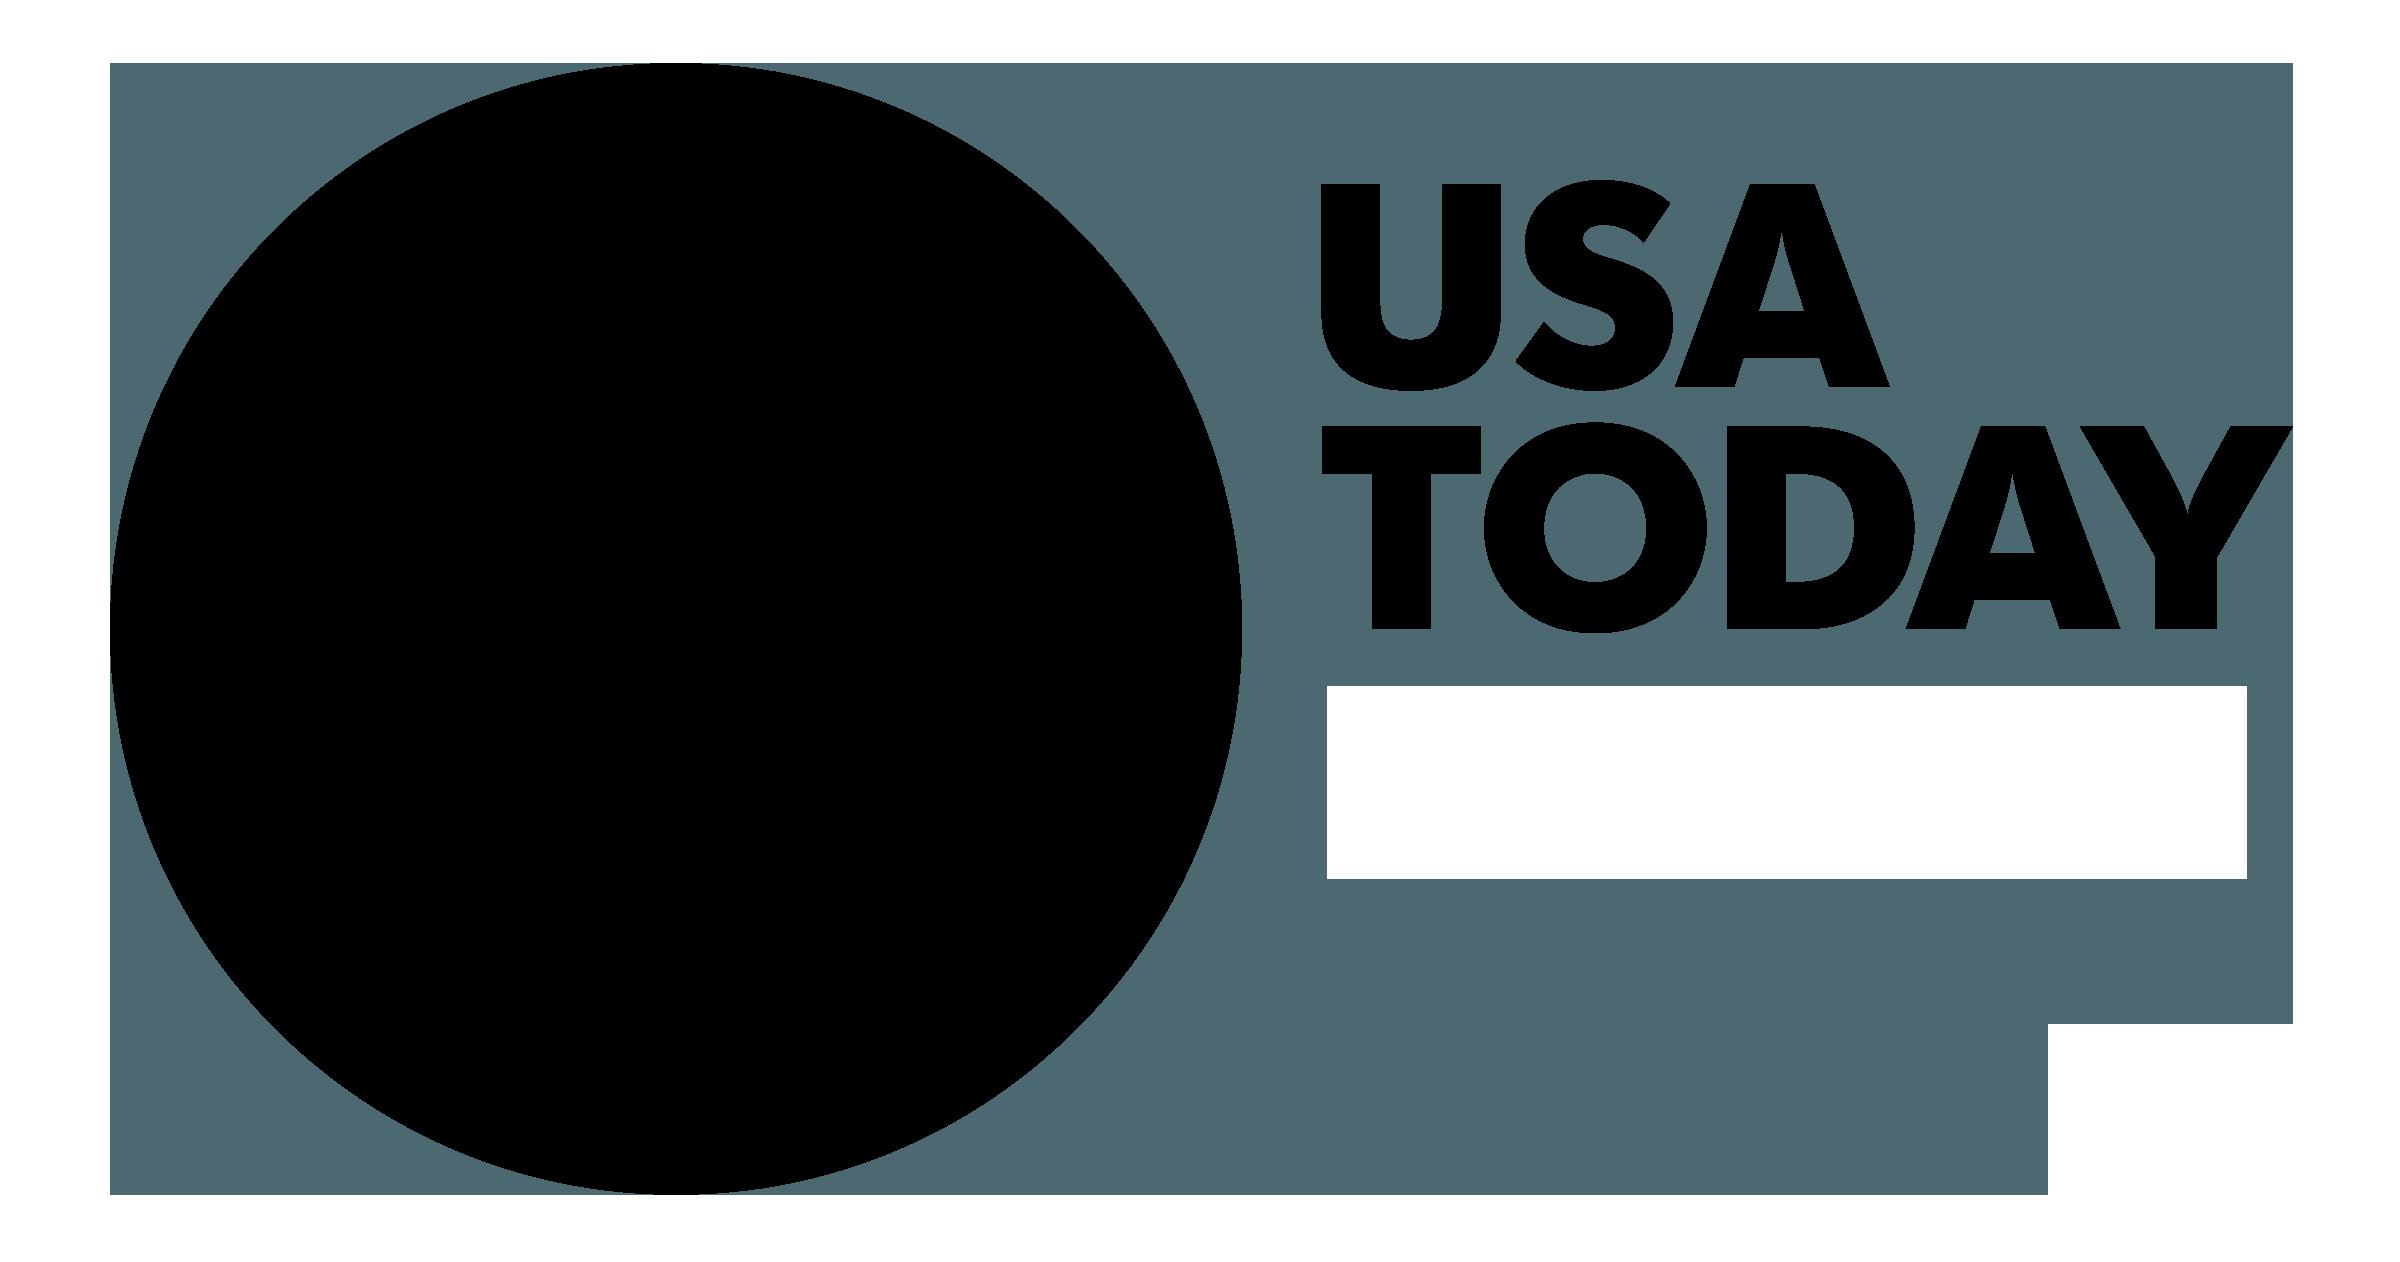 usat_logo_bw.png